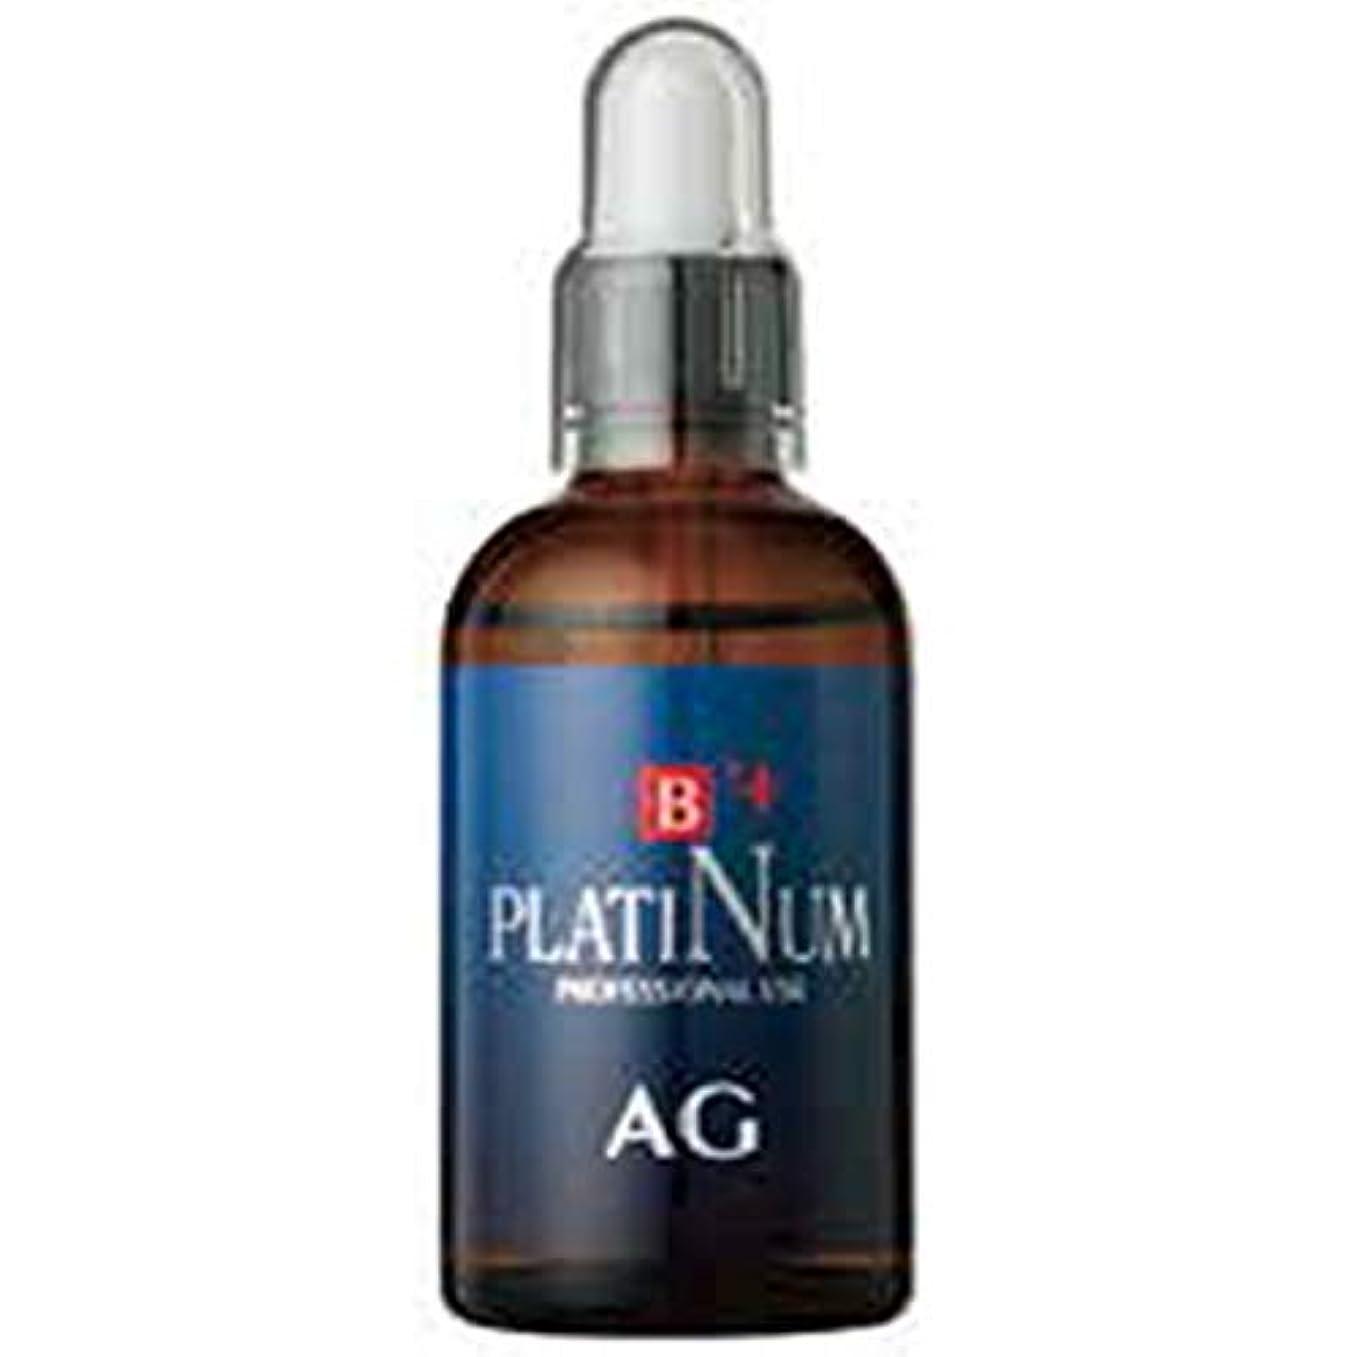 リラックスした日付ダイエット【ビューティー プラチナム】 PLATINUM B'+  アルジレリン16%(+シンーエイク配合 高濃度美容液)  リフトアップ専用:100ml